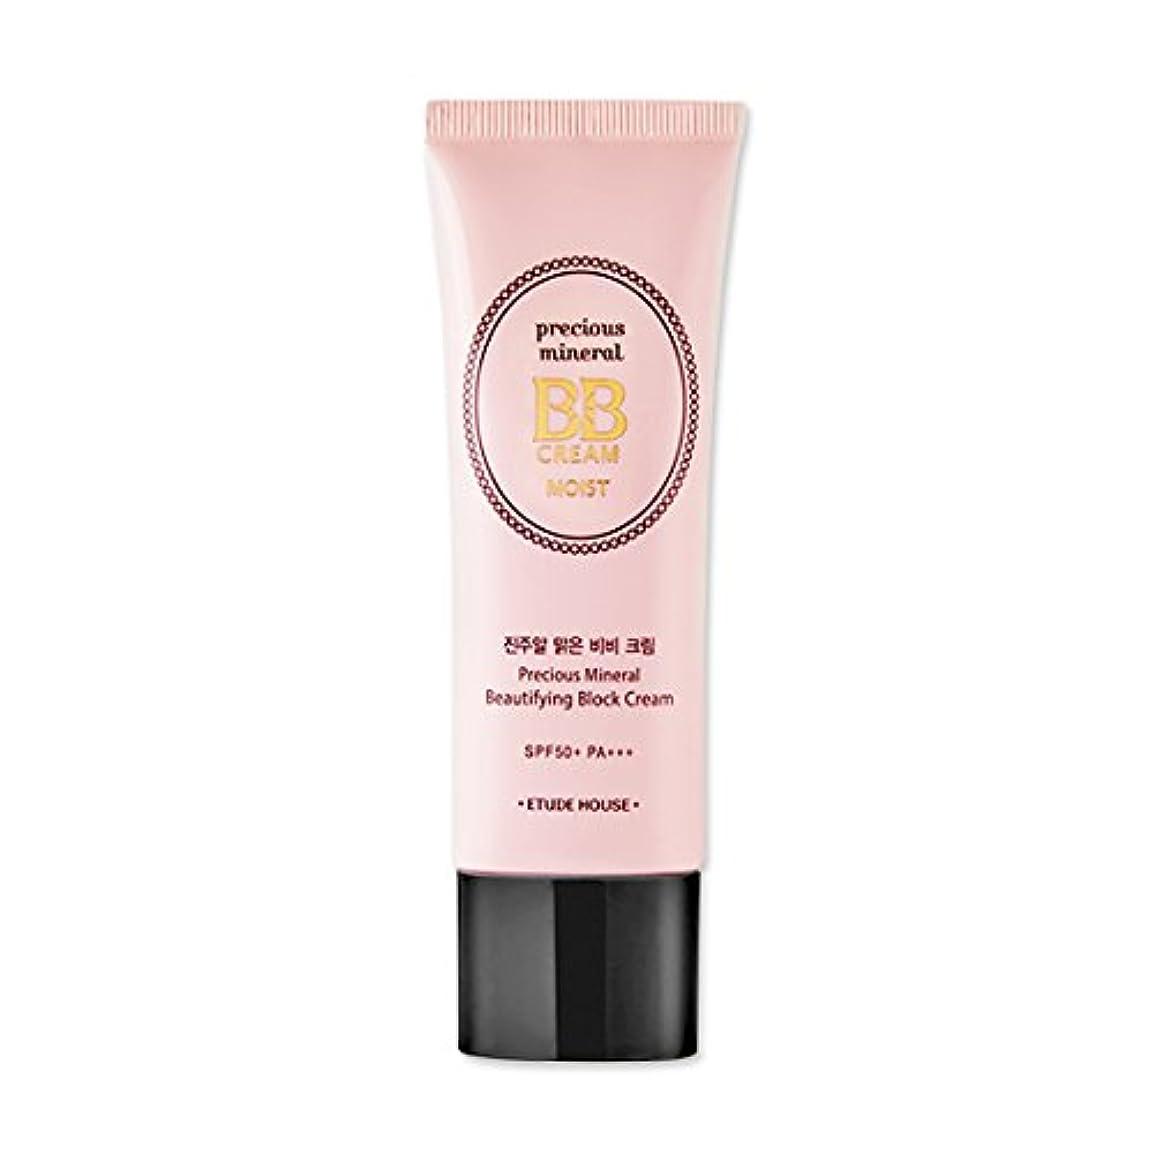 コーンウォール産地怠惰[New] ETUDE HOUSE Precious Mineral BB Cream * Moist * 45g/エチュードハウス プレシャス ミネラル BBクリーム * モイスト * 45g (#Sand) [並行輸入品]